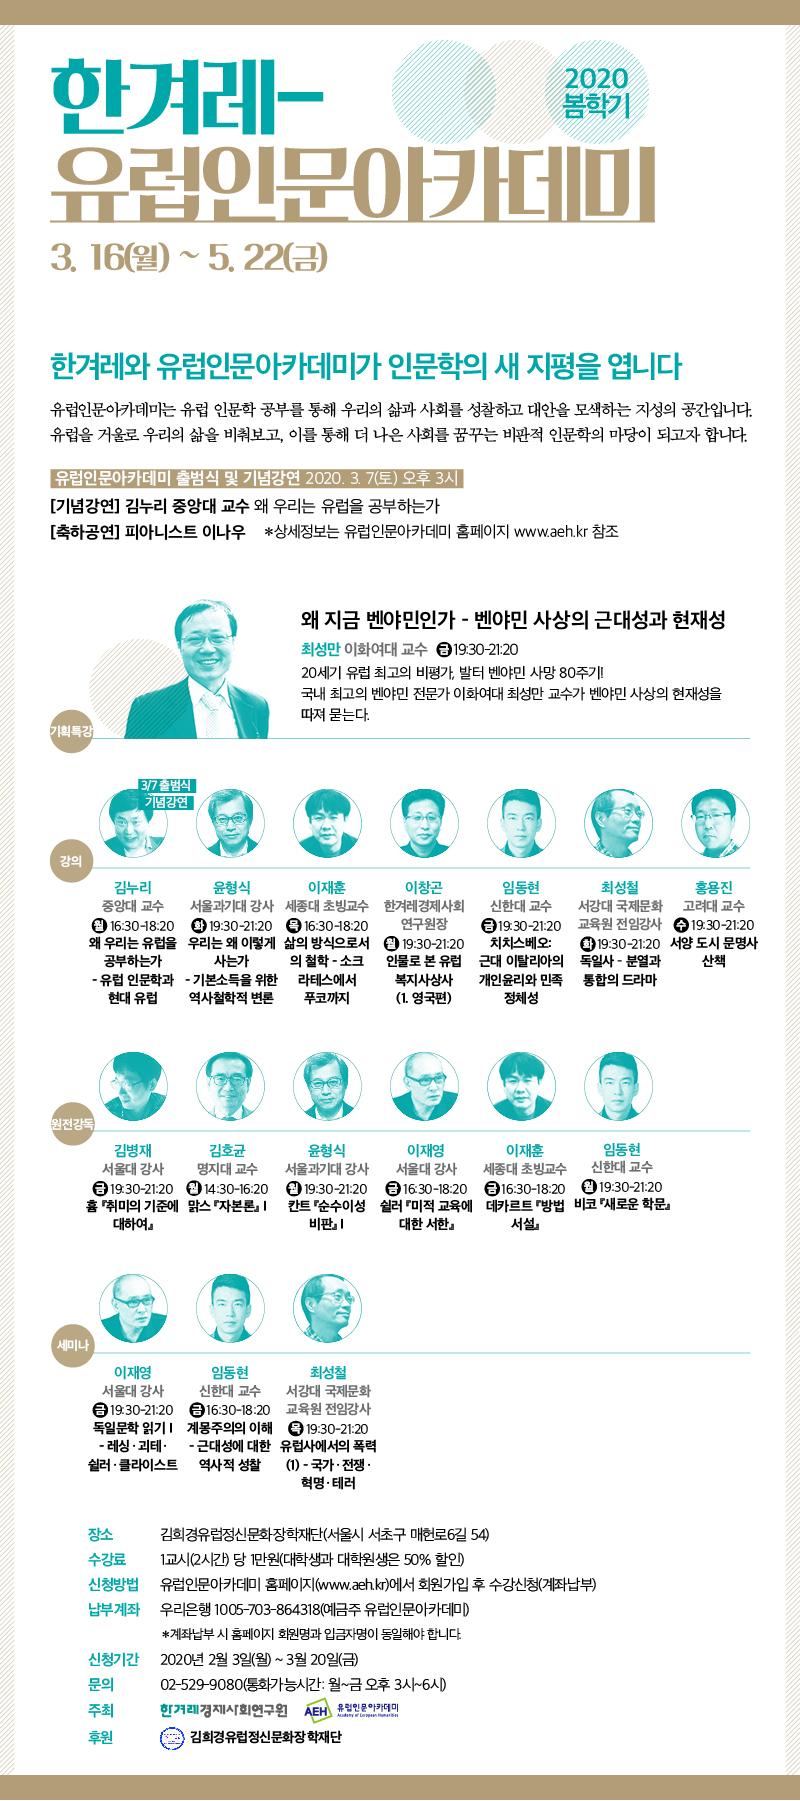 한겨레_유럽아카데미_웹.jpg